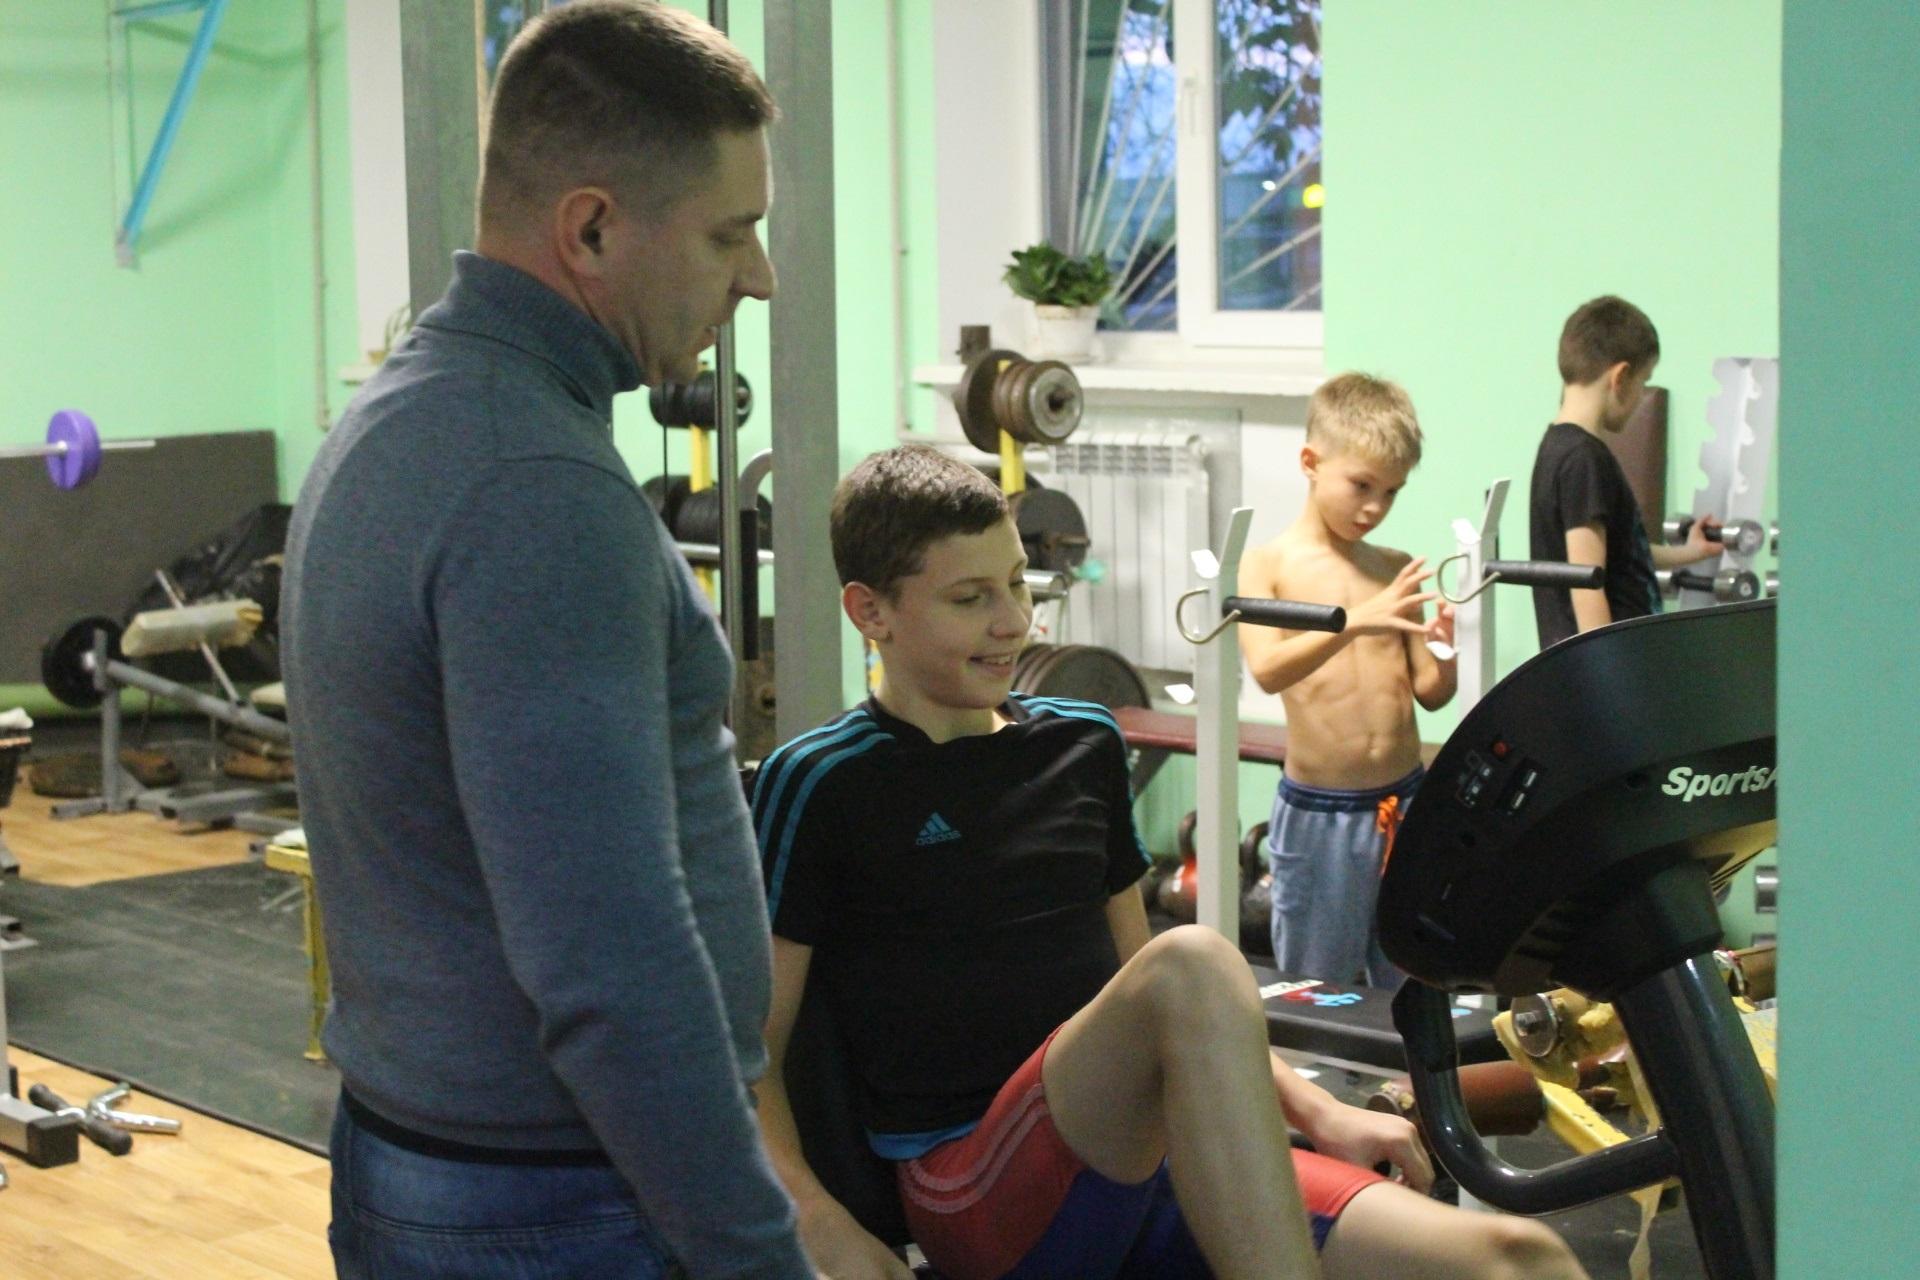 В запорожскую школу купили беговую дорожку и олимпийские штанги